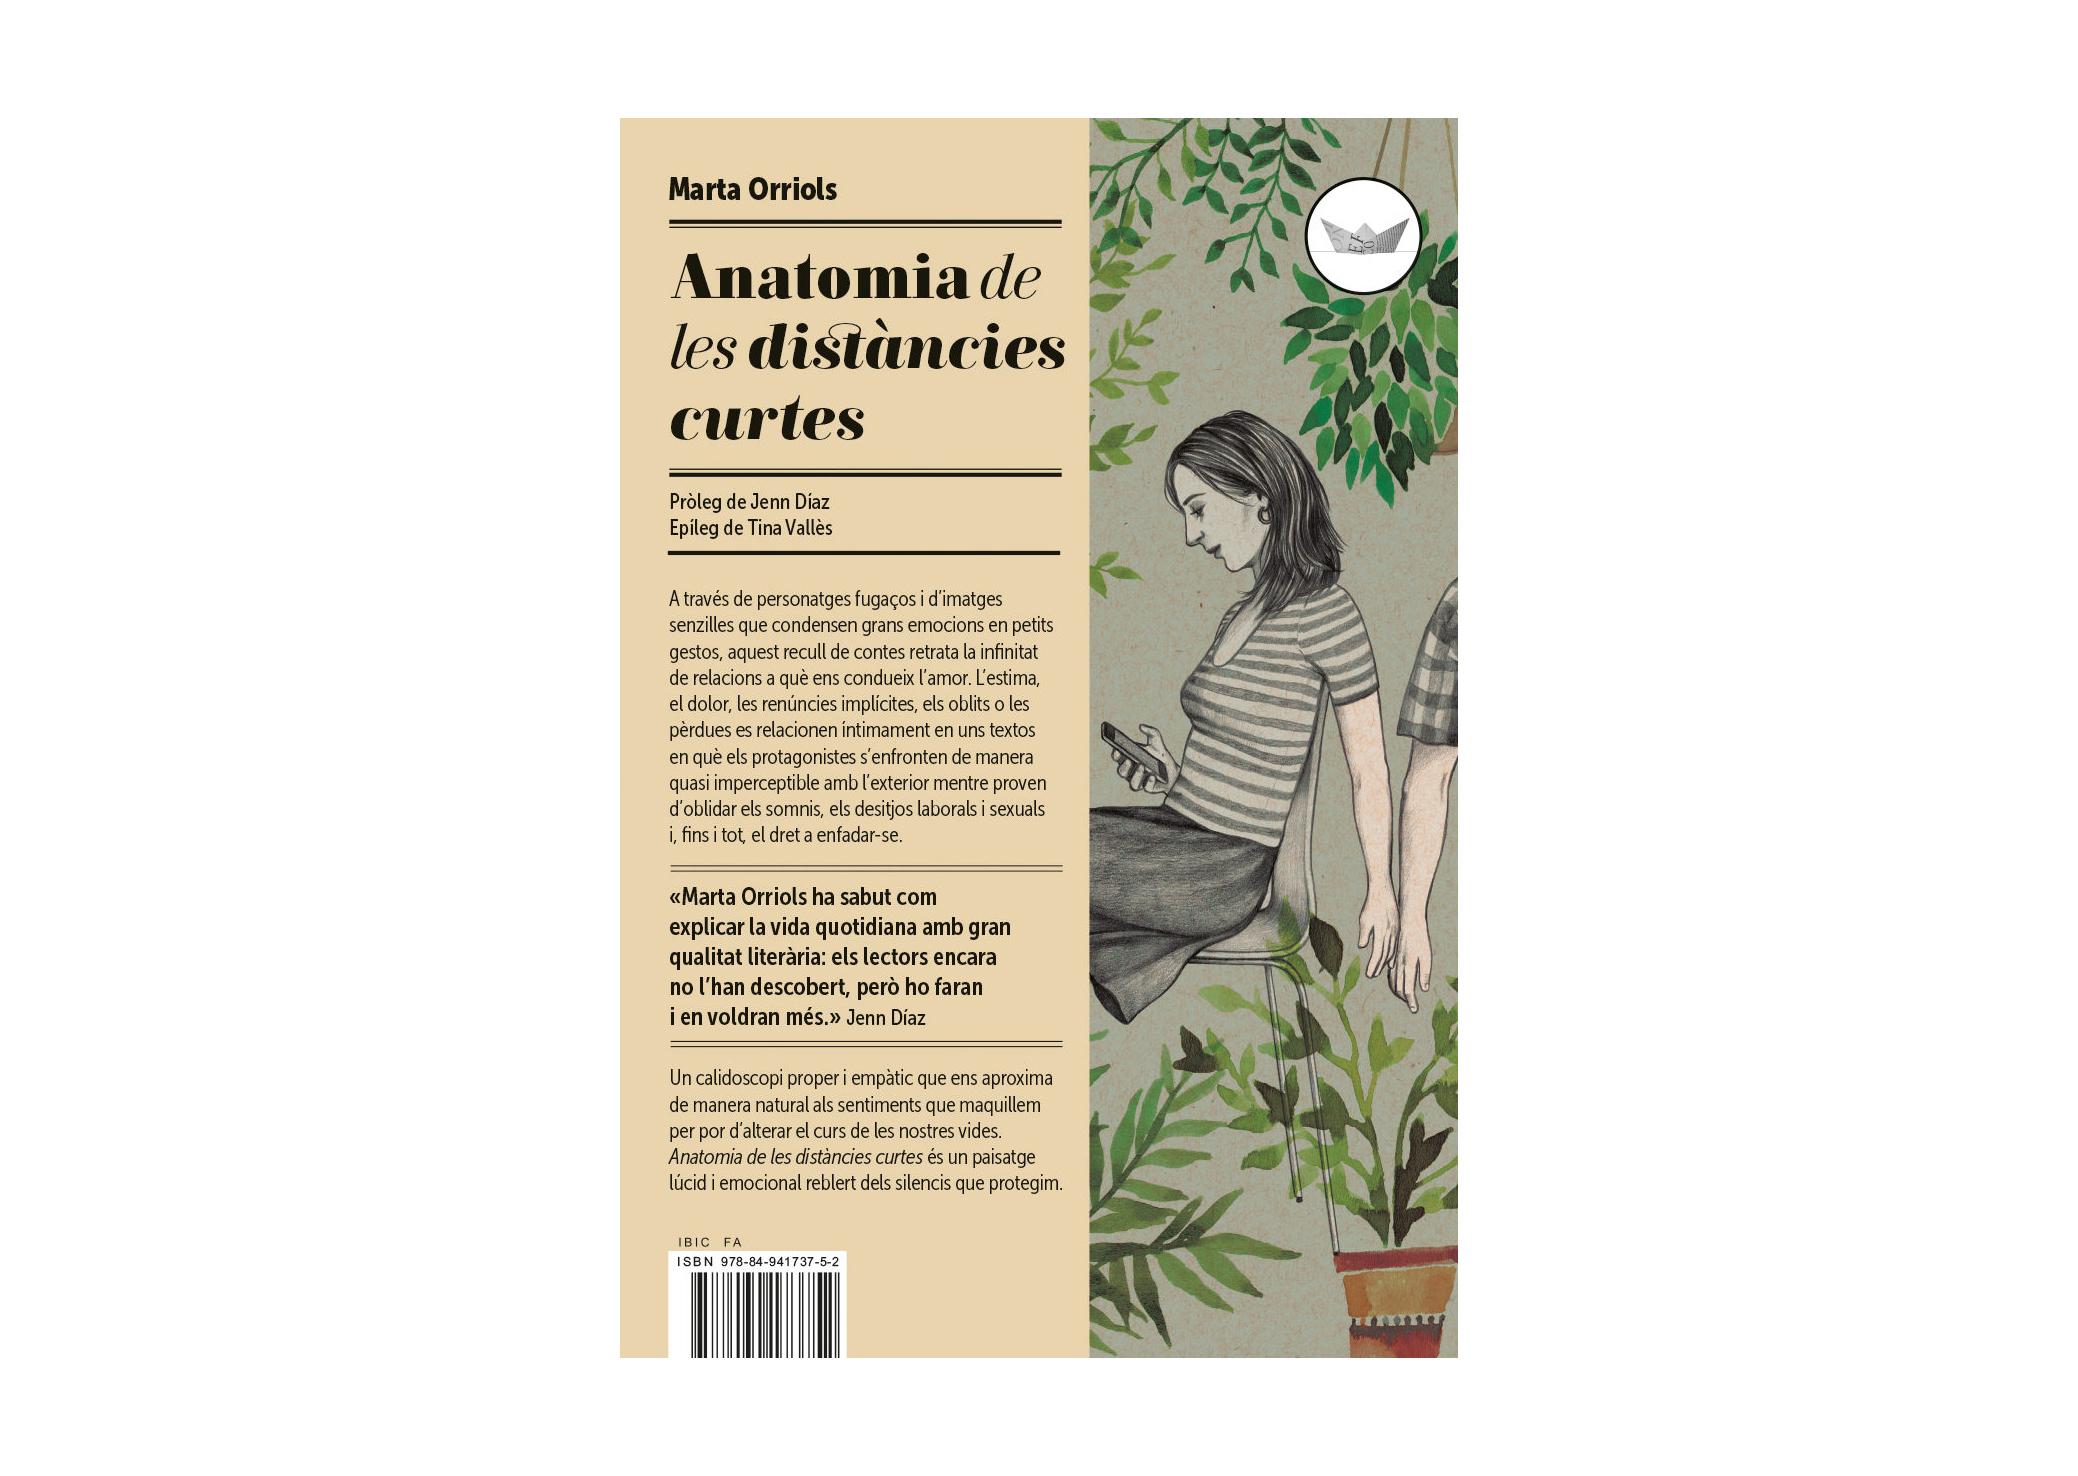 Marta Orriols, 'Anatomia de les distàncies curtes'